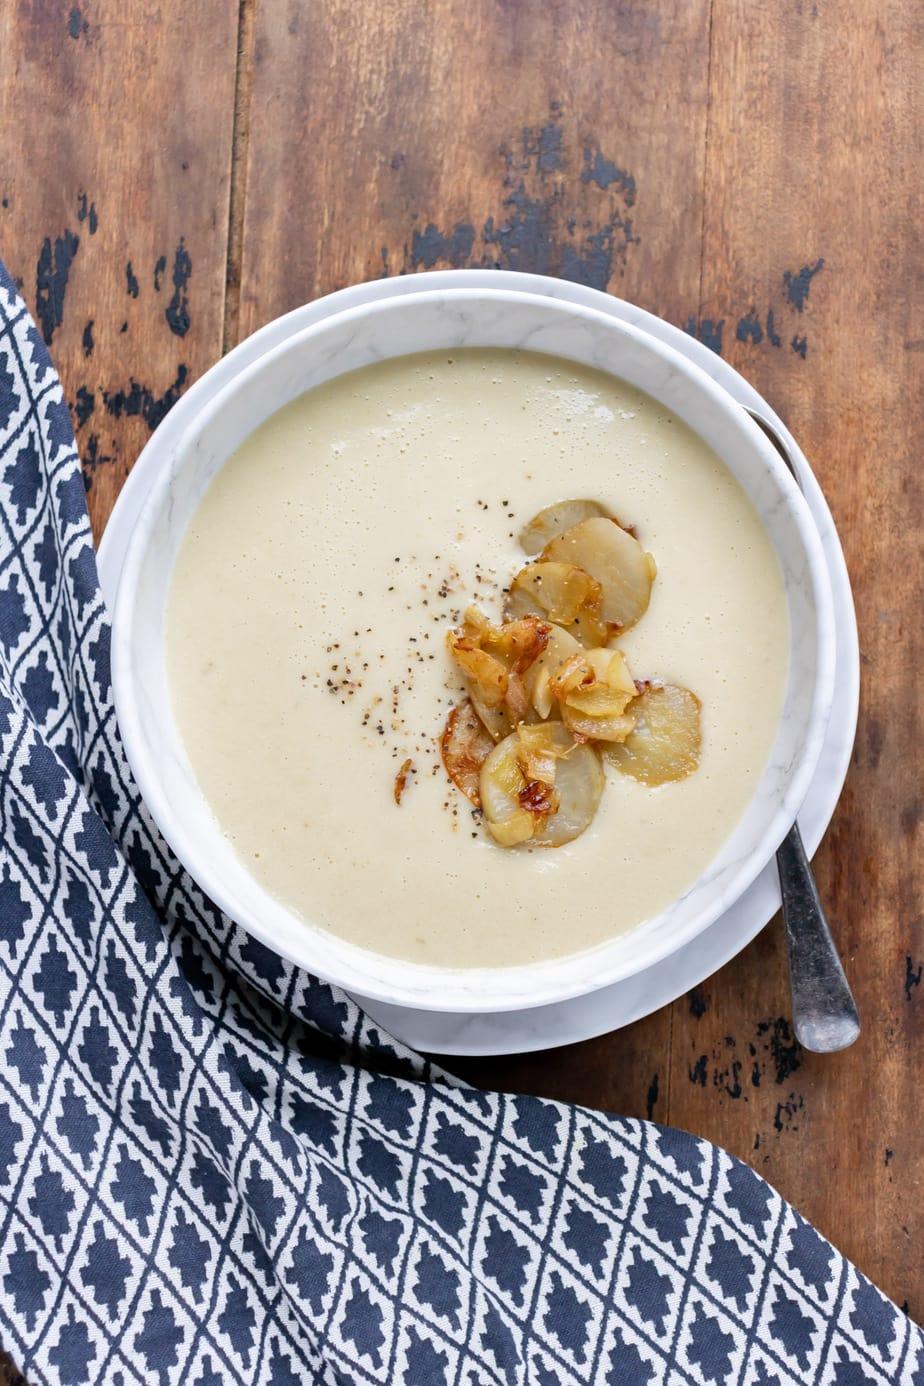 Bowl of jerusalem artichoke soup next to a napkin.